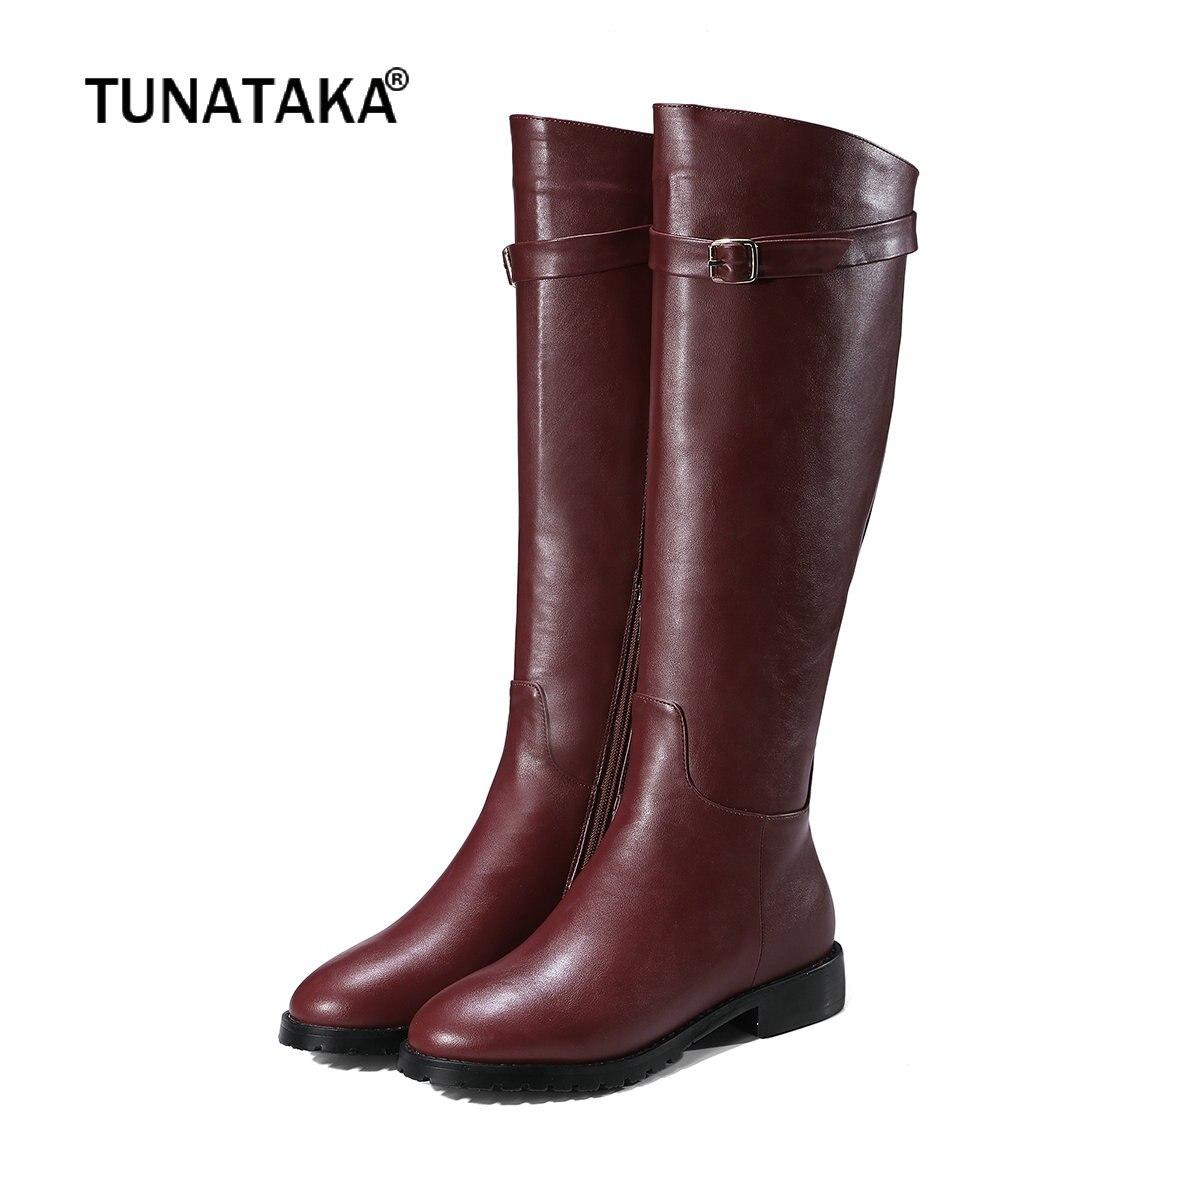 2251736efc76a Hiver Talon Chaussures 43 Plus Rouge Noir Femmes Faux Bas Haute Cuir Bottes  Fourrure Confortable Zipper ...